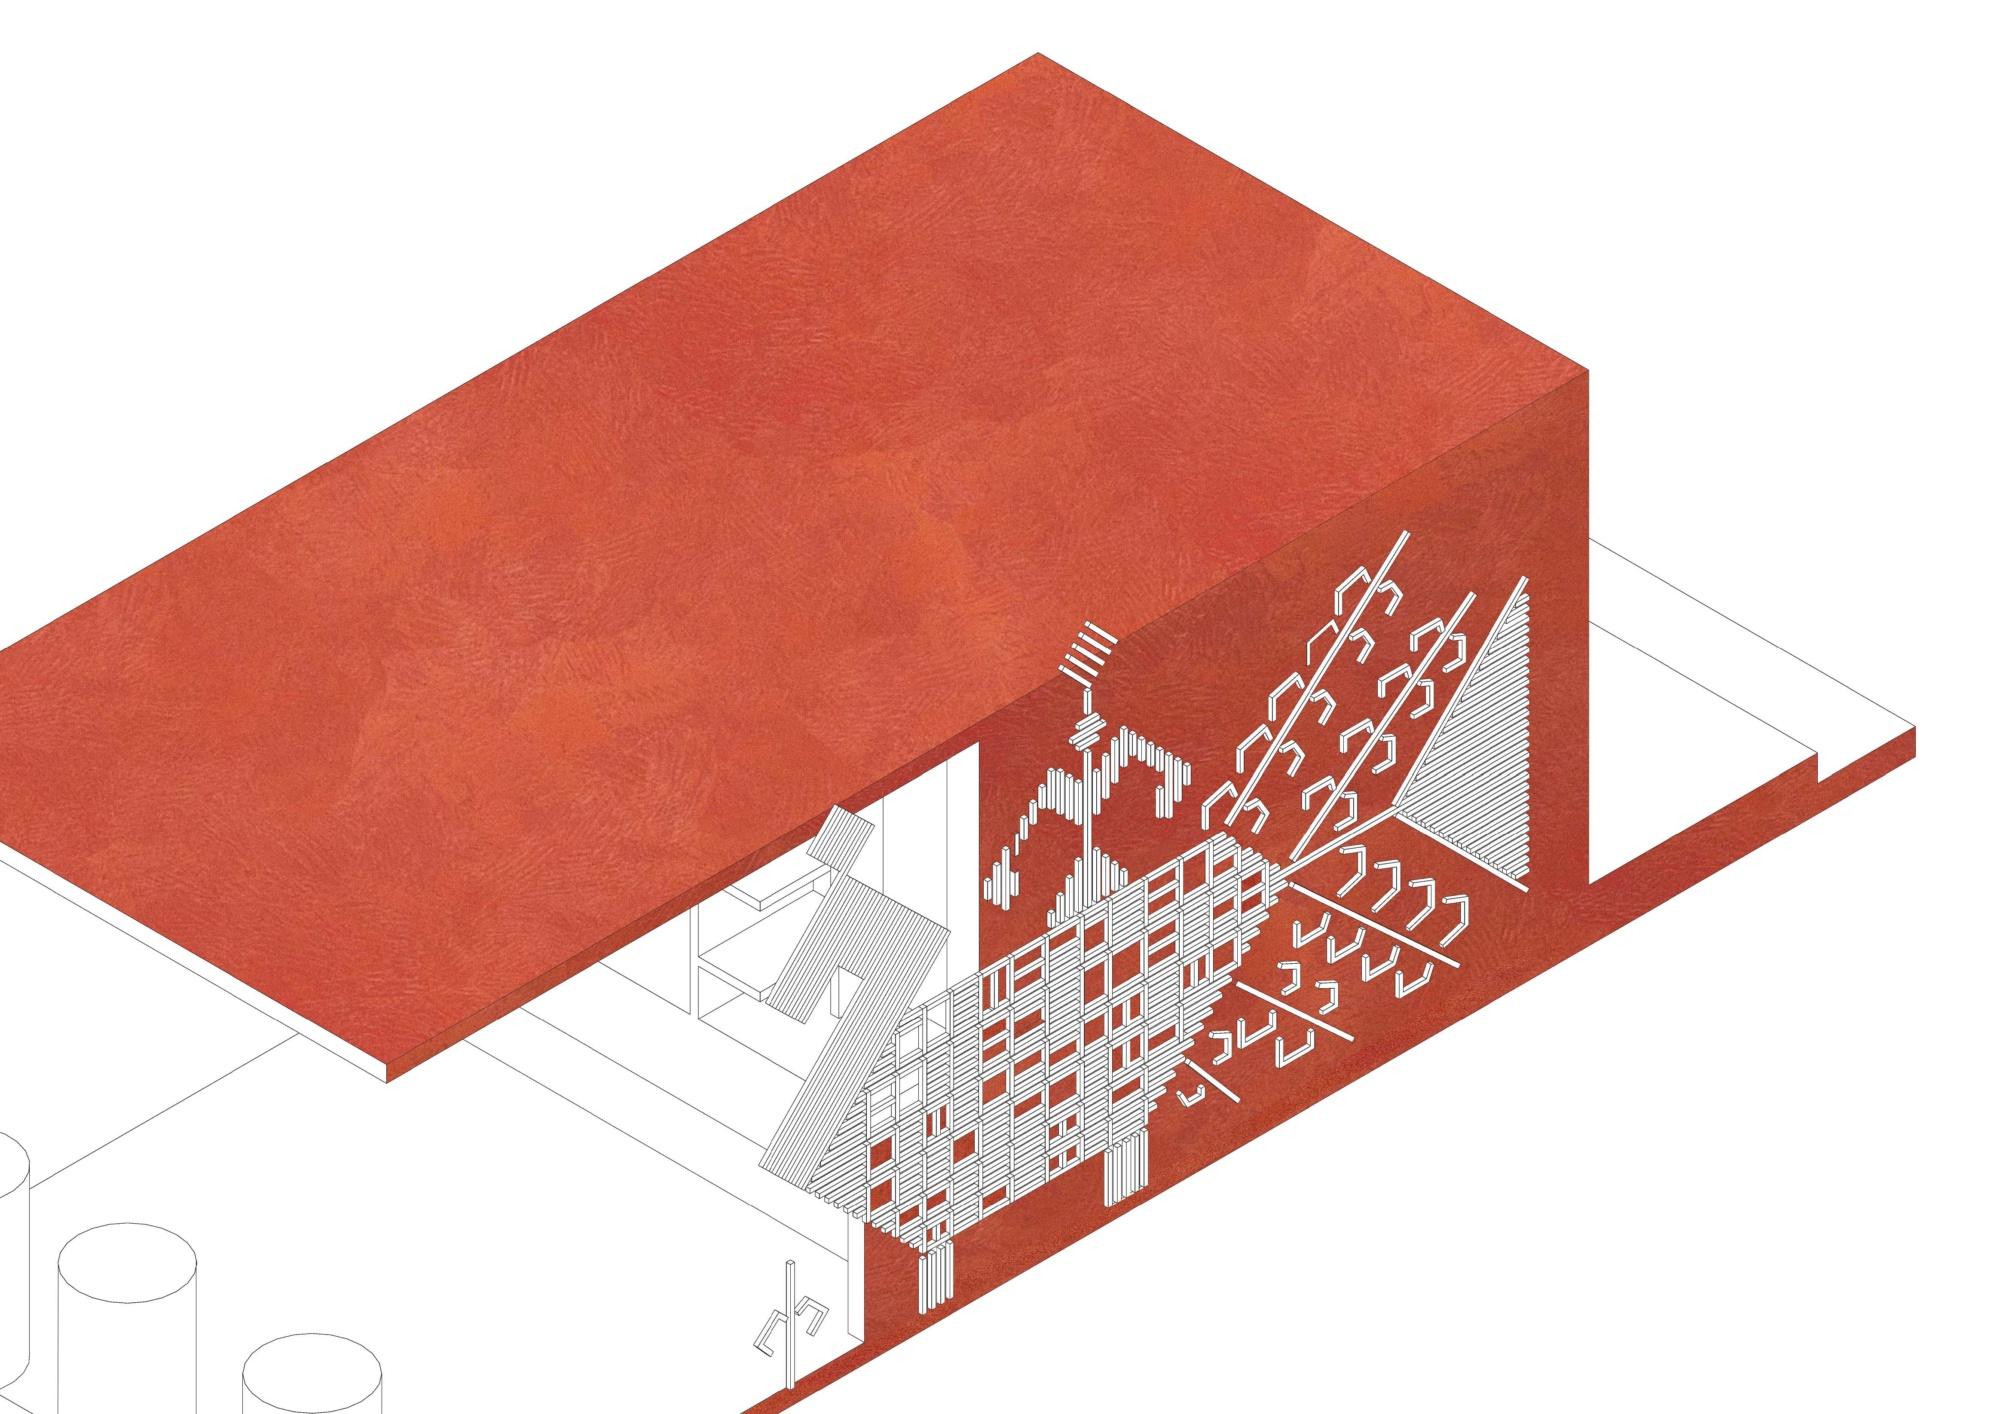 Архитектурная концепция торговых павильонов в селе Кубенском. ©DMTRVK